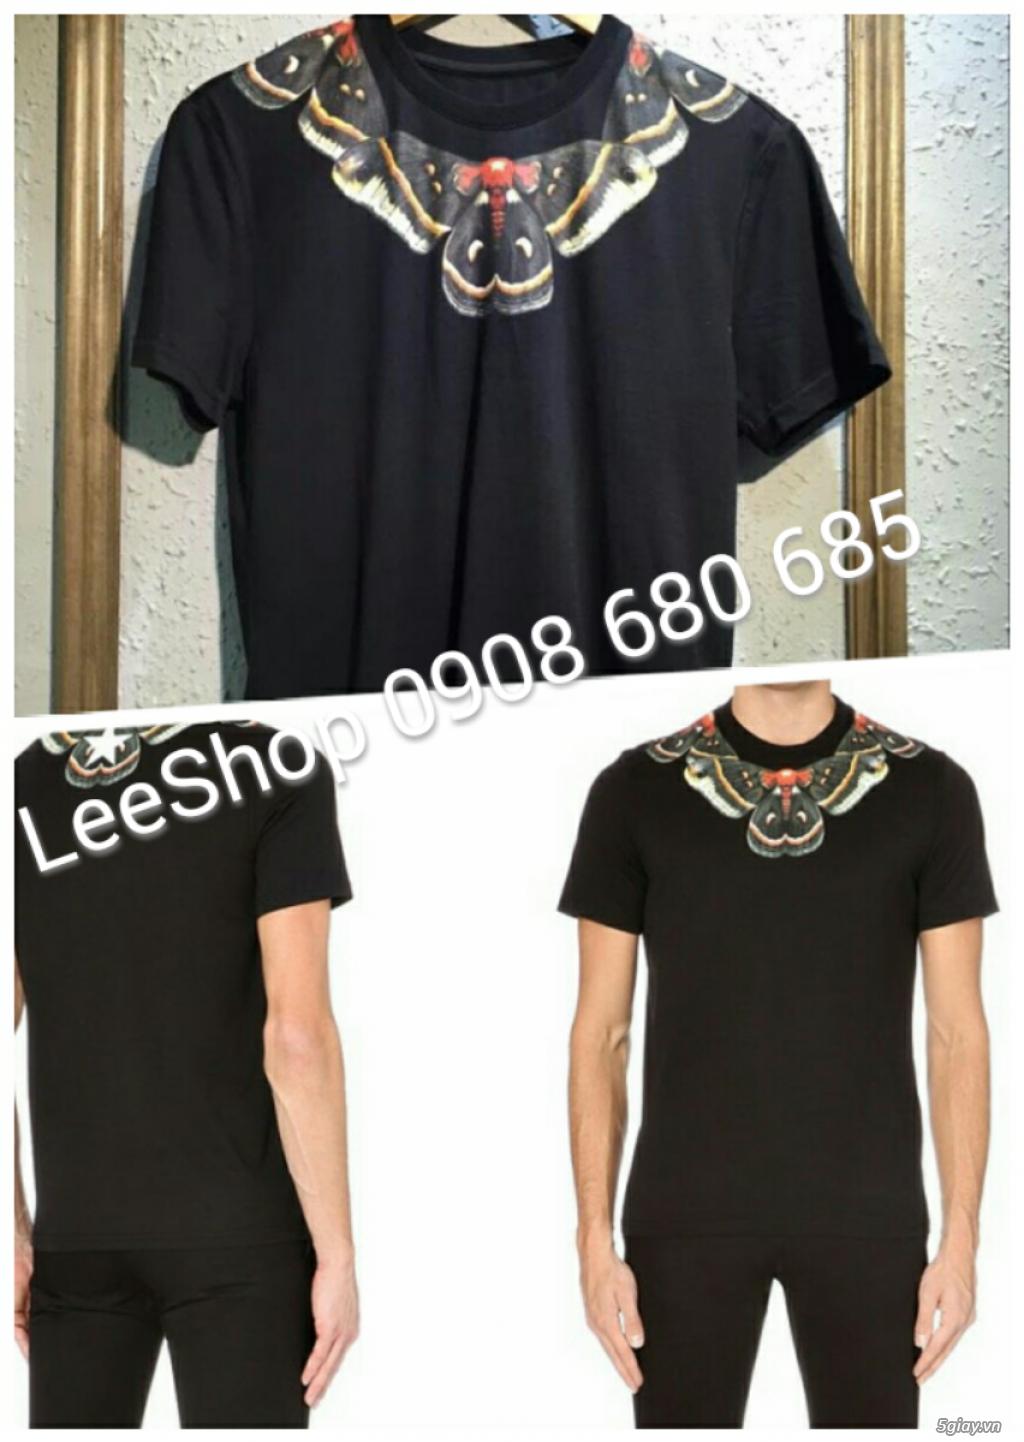 LeeShop_Chuyên quần áo thời trang - 9